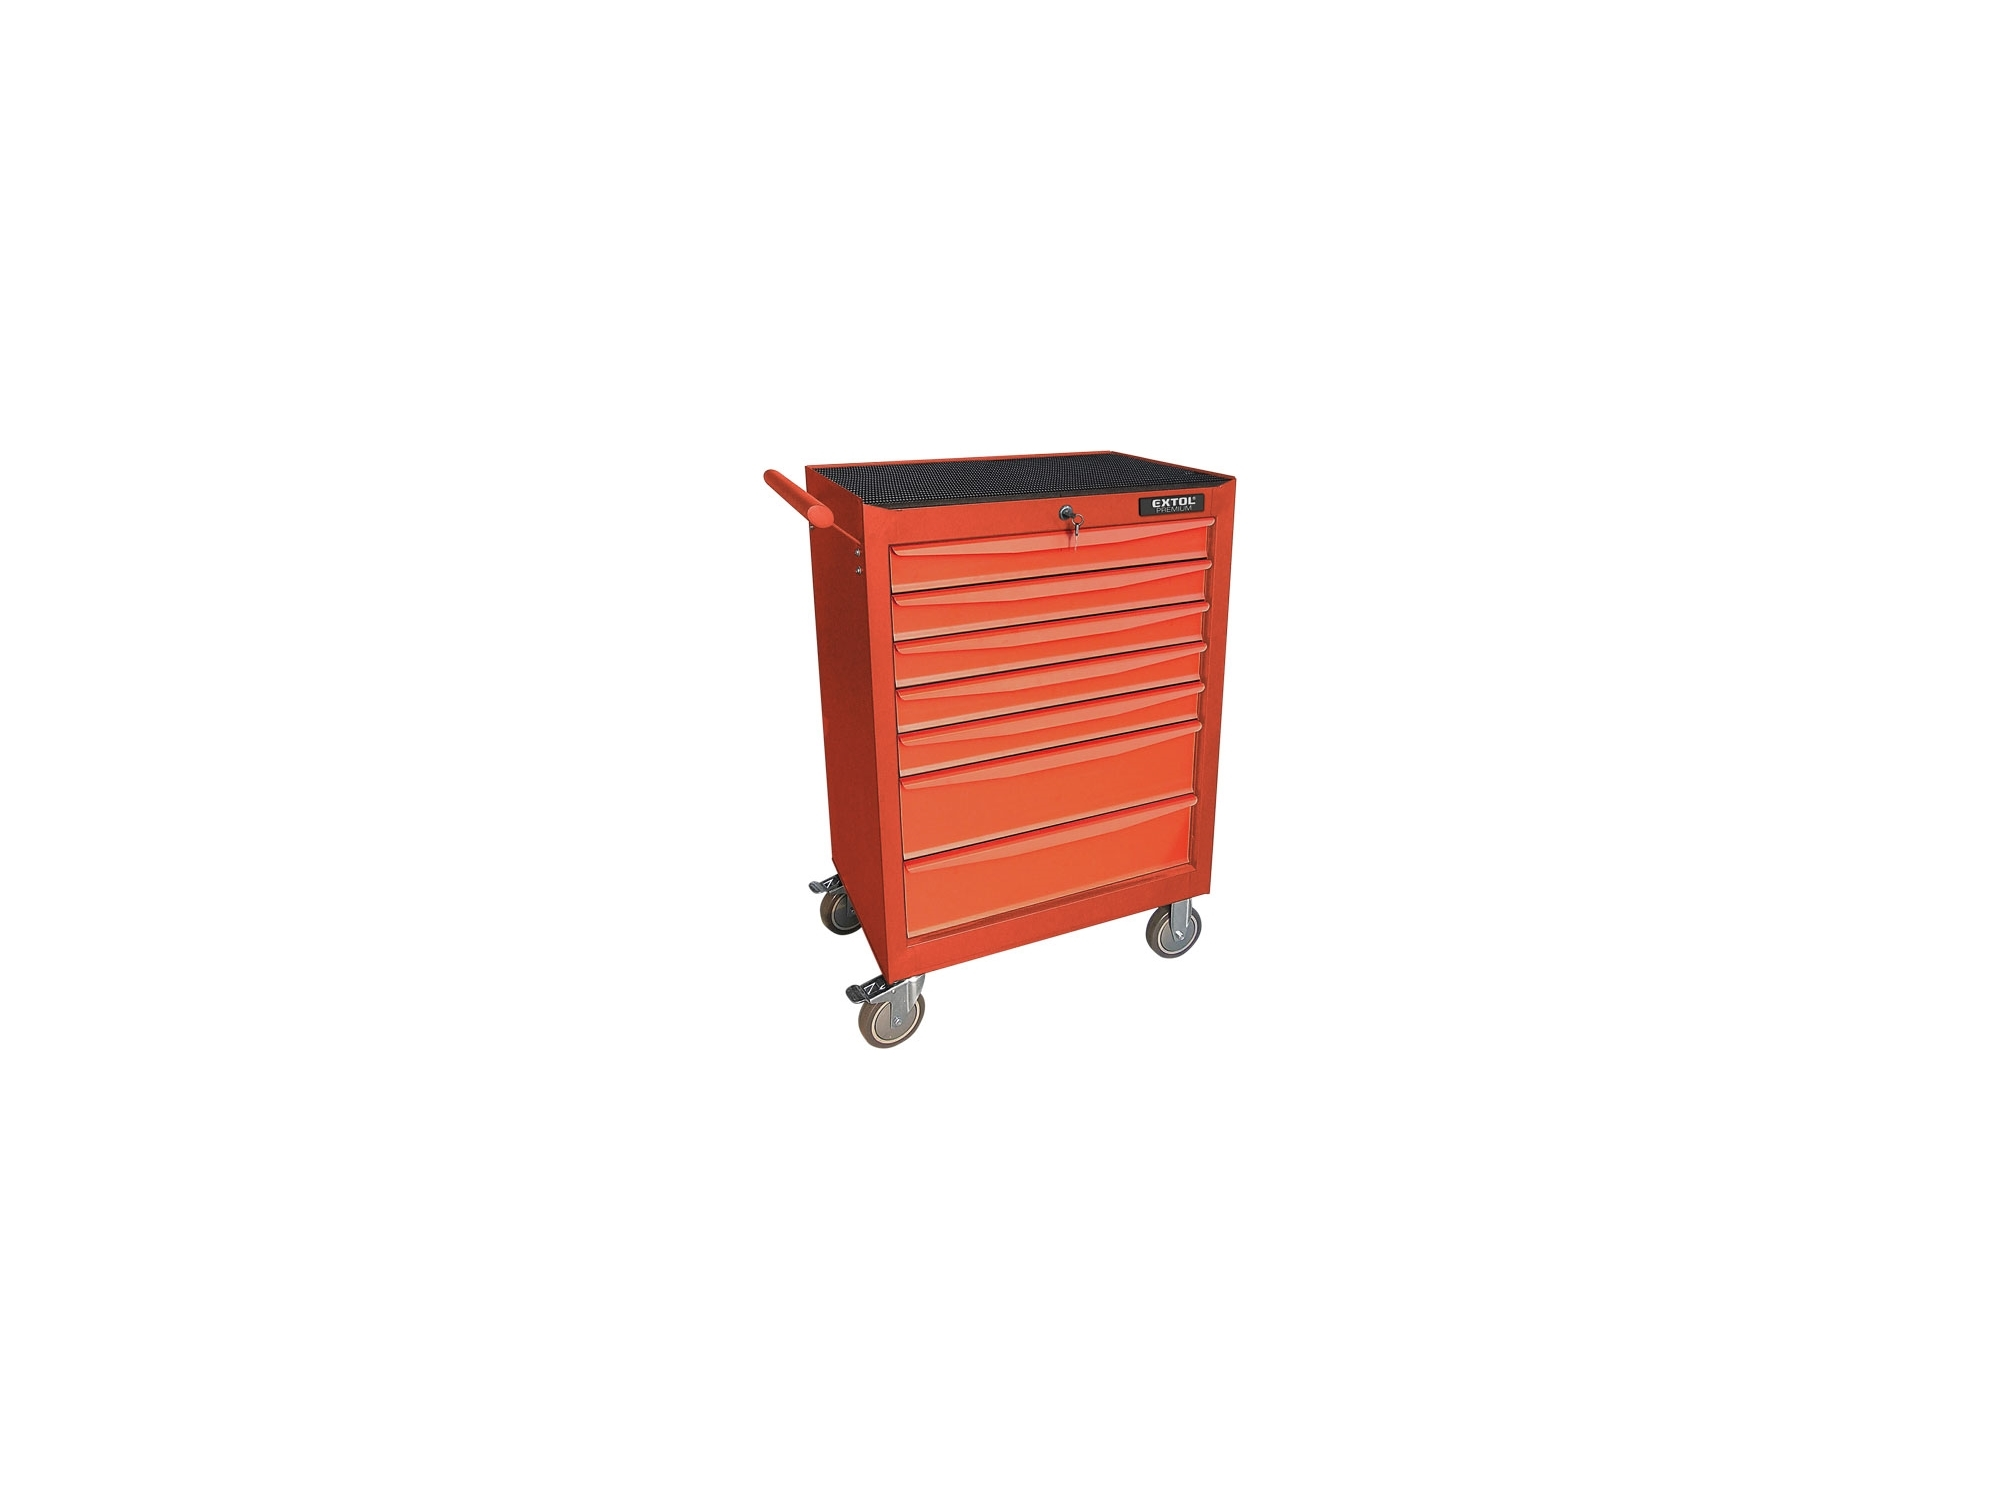 vozík na nářadí, rozměr vozíku 680x460x1020mm, EXTOL PREMIUM 8856050